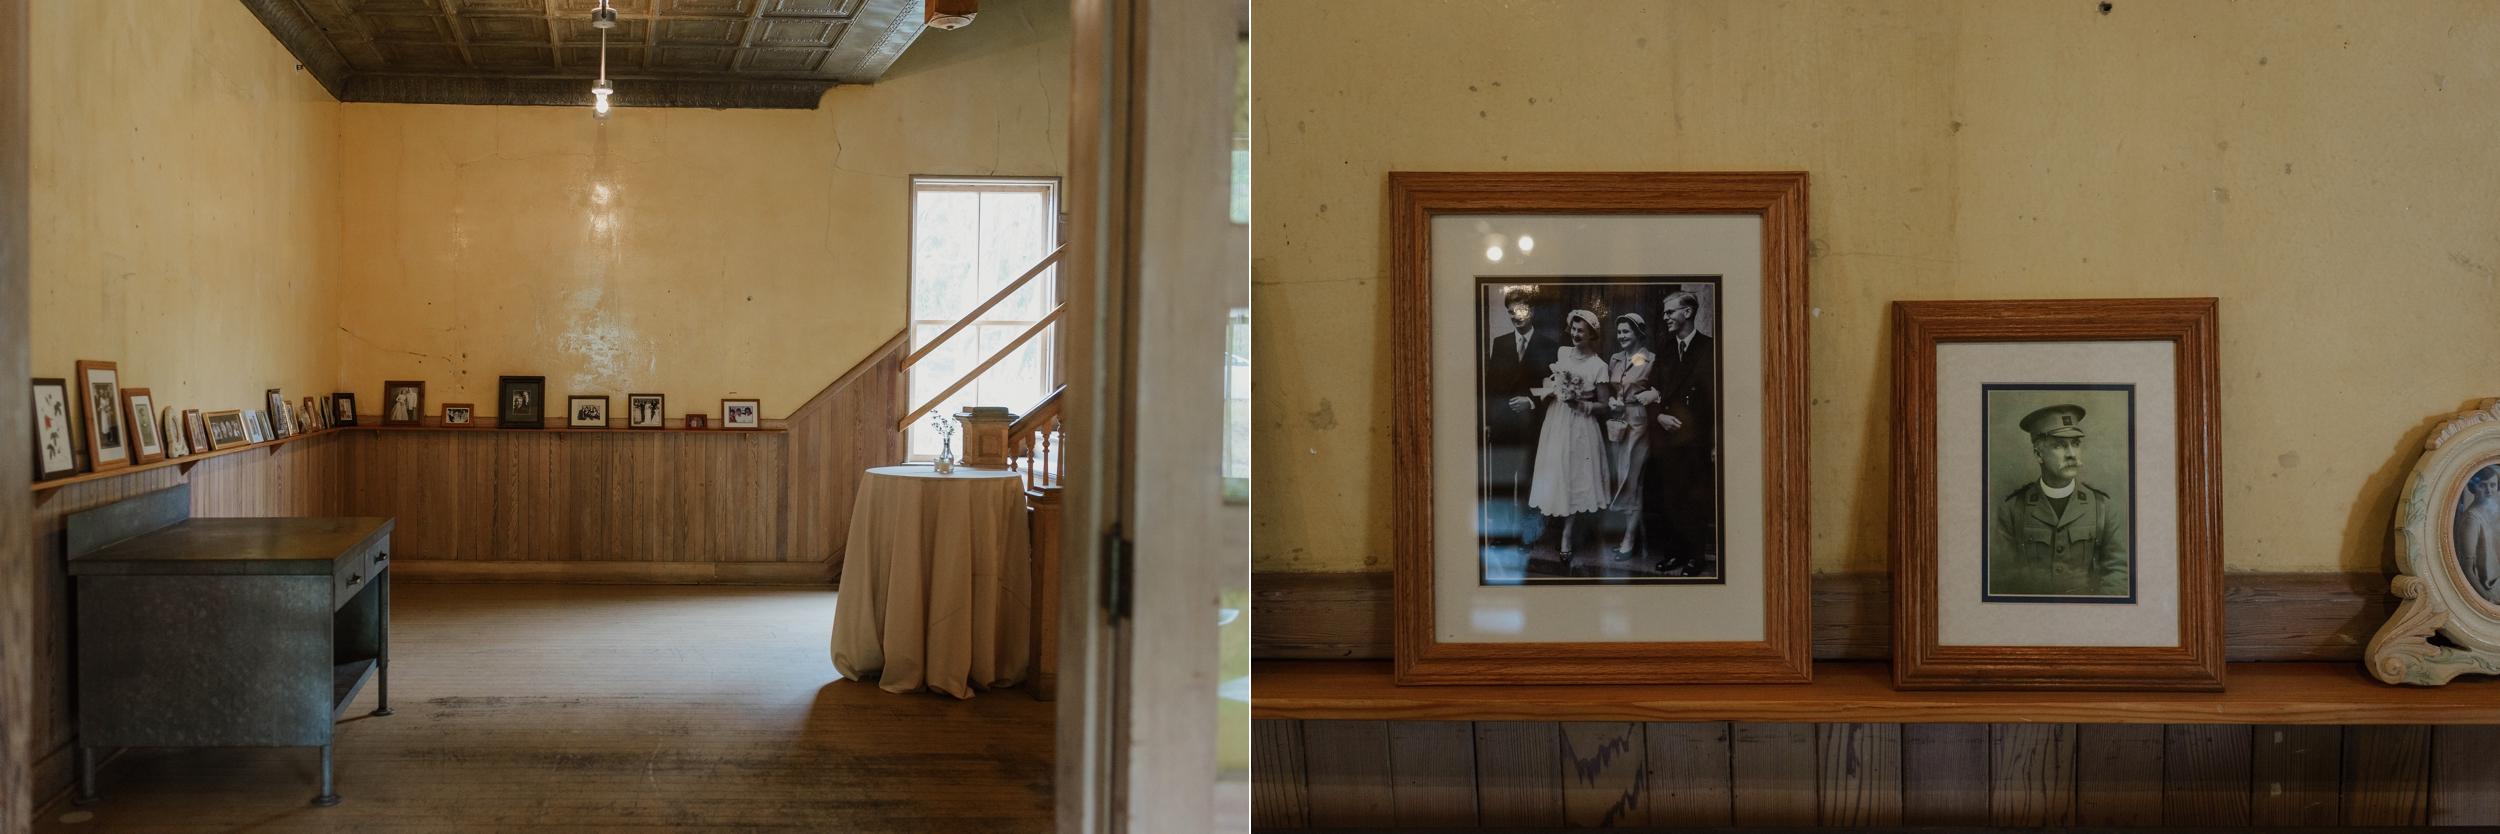 071-san-francisco-headlands-center-for-the-arts-wedding-vivianchen-037_WEB.jpg